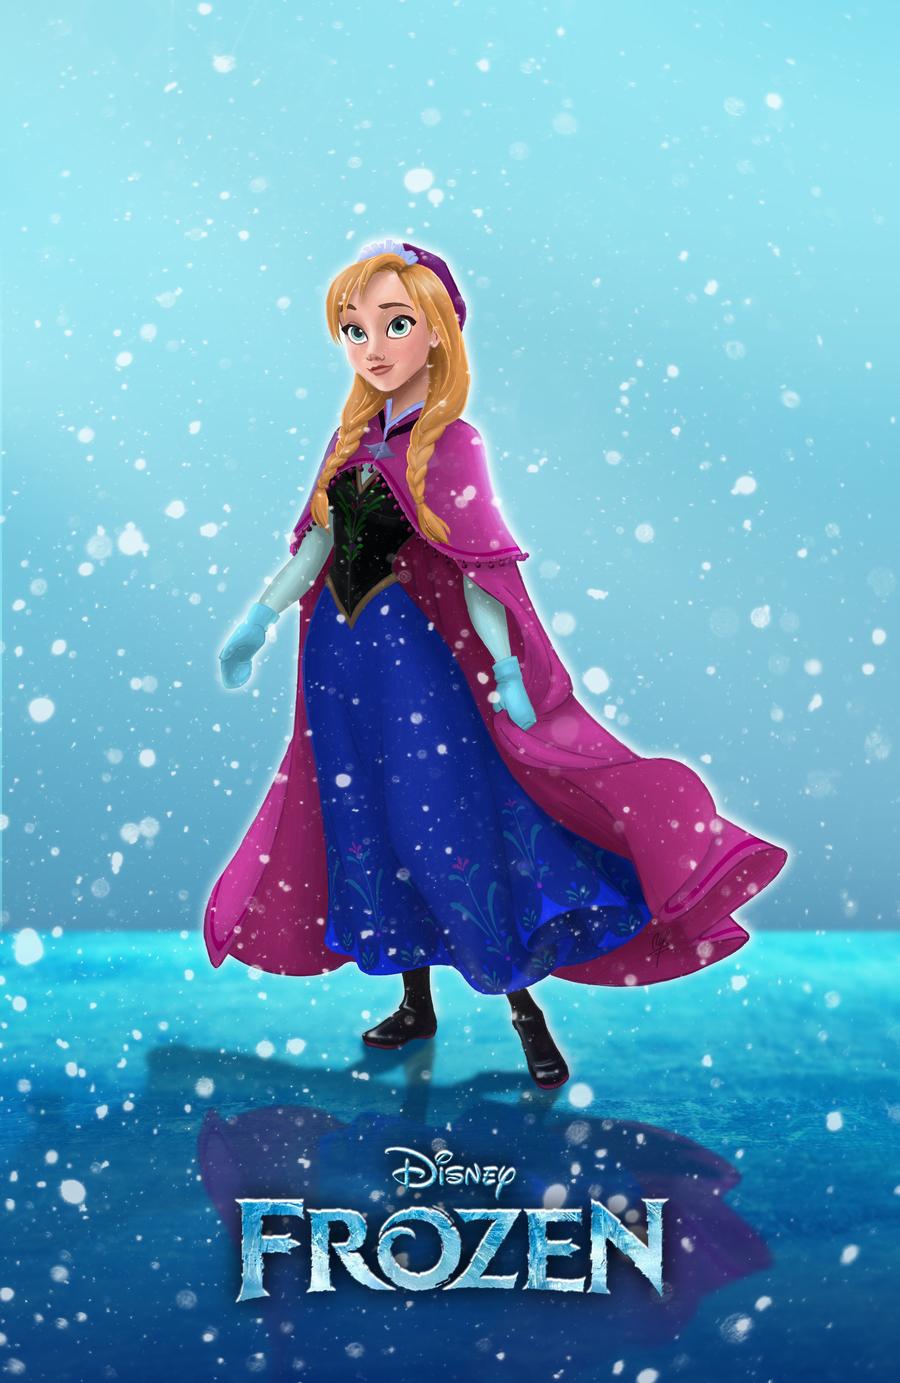 free frozen movie online no download